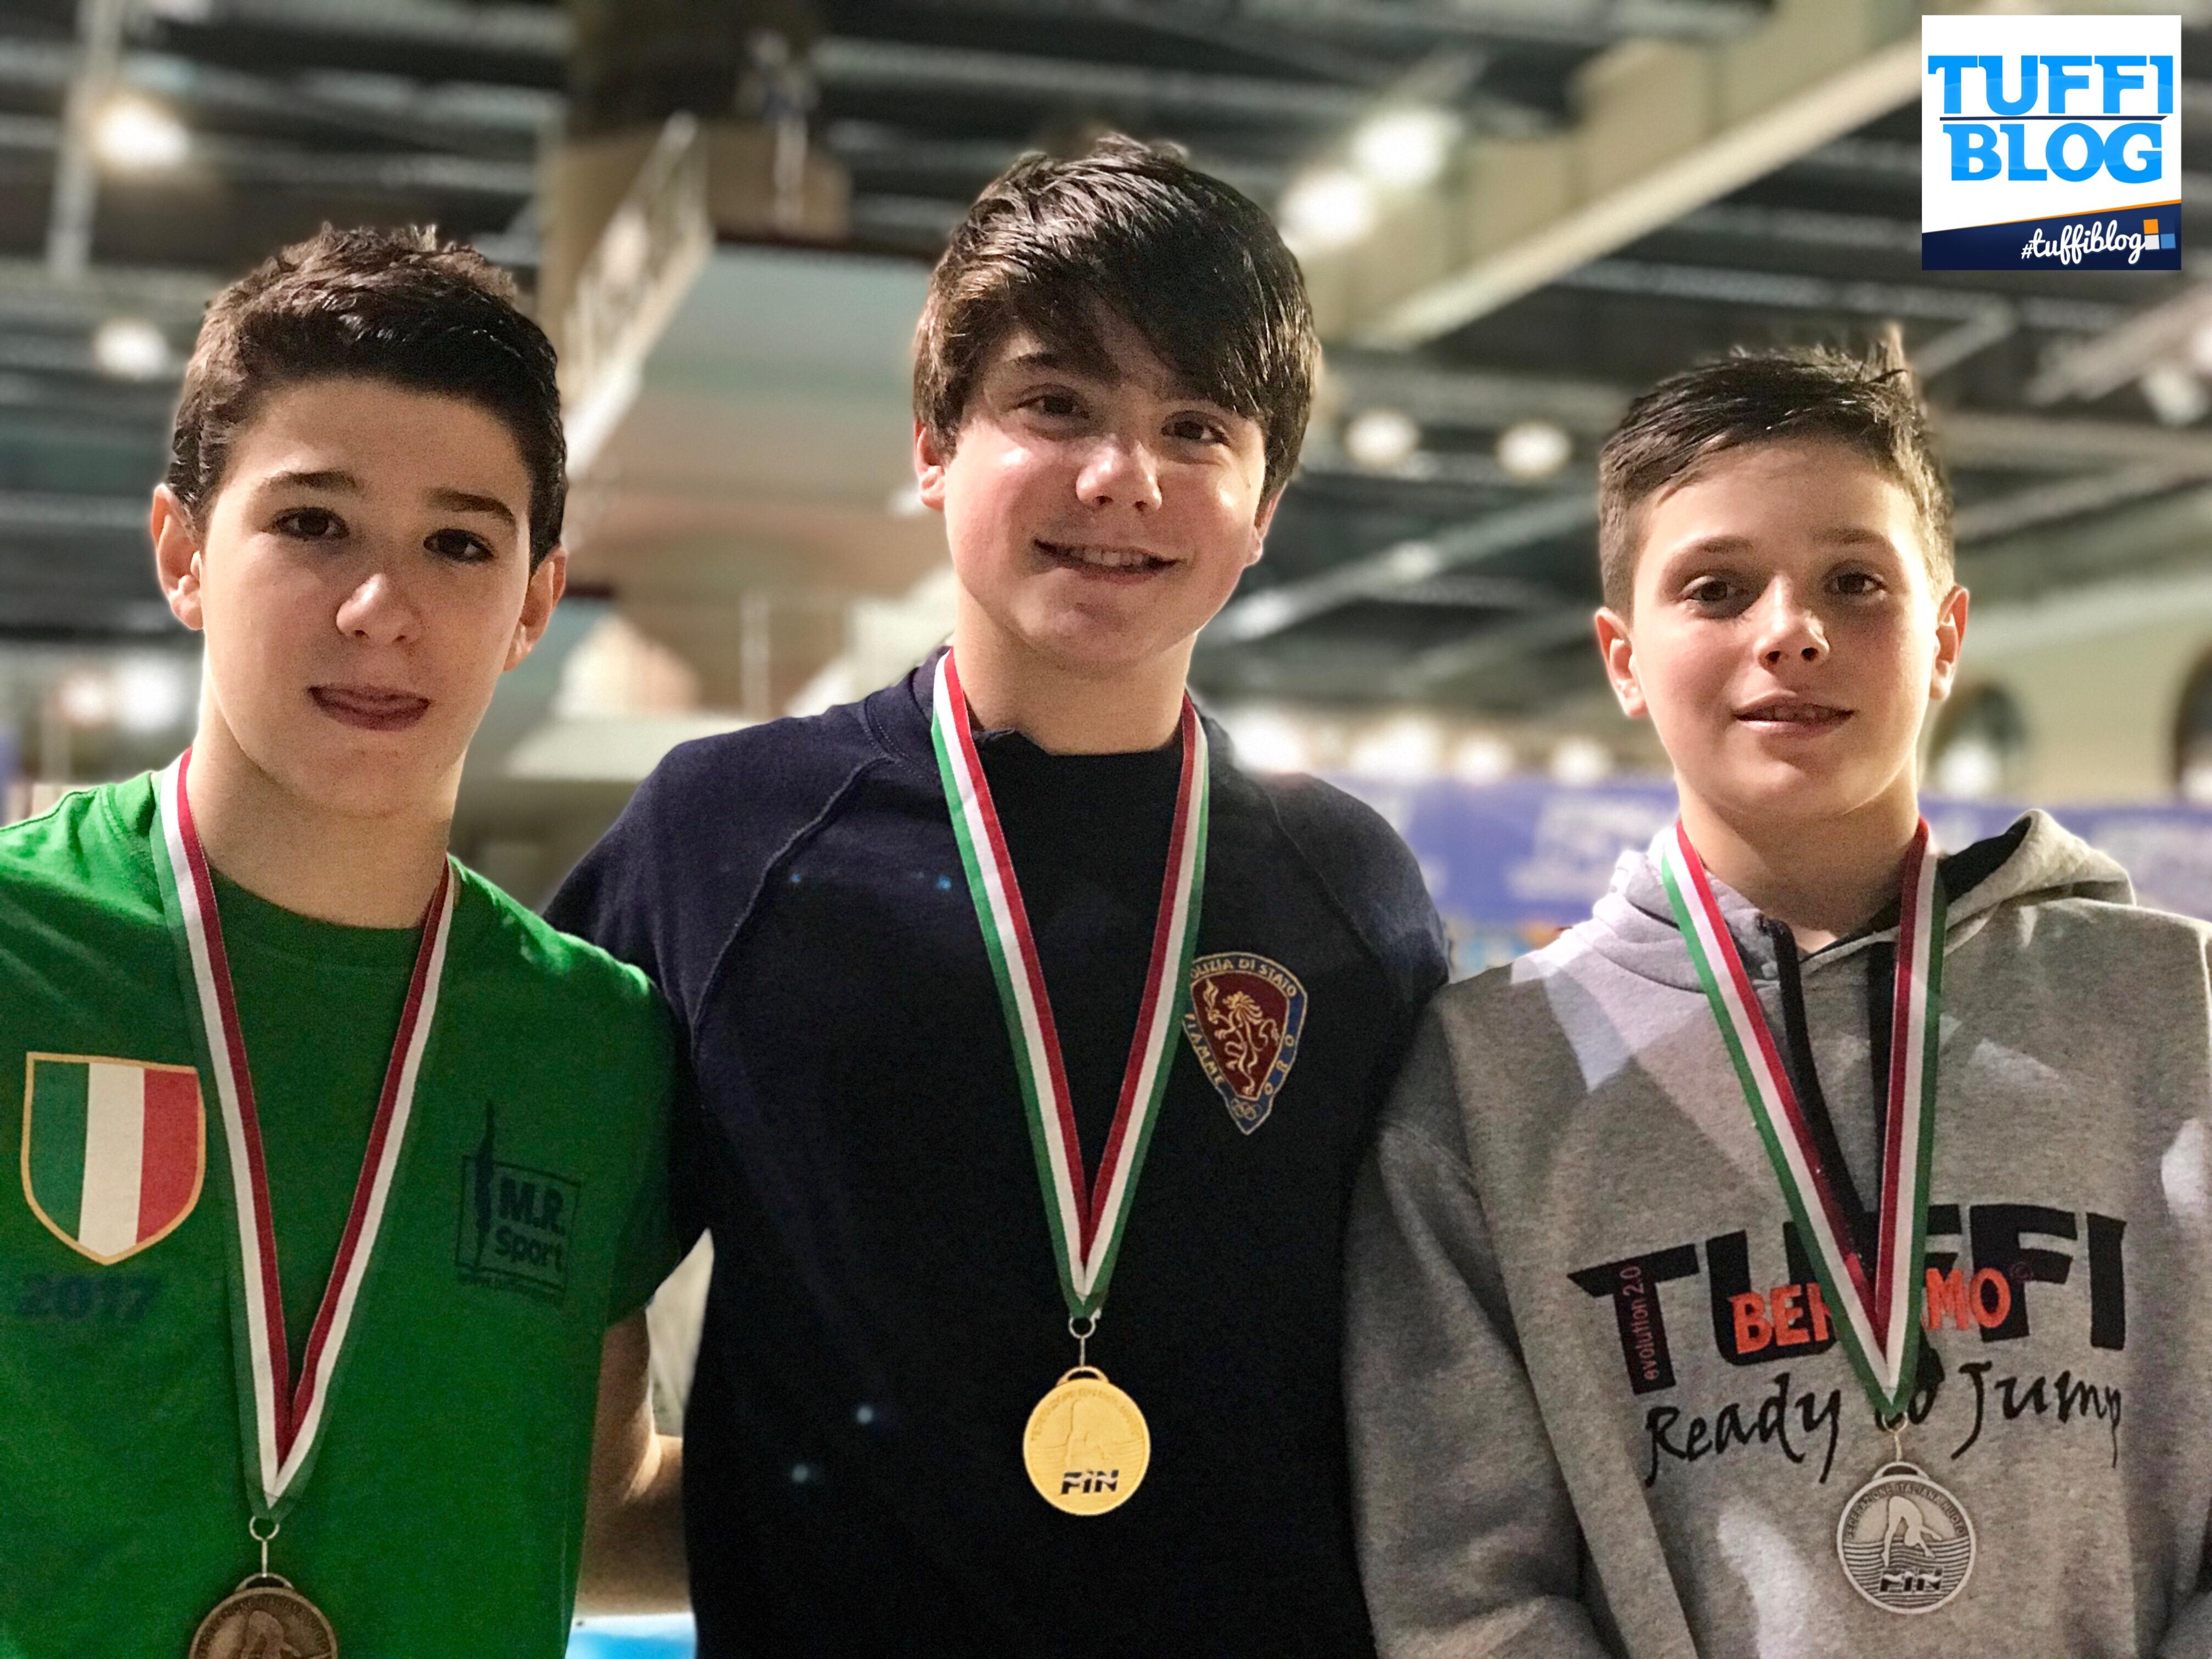 Campionati di Categoria Indoor: Trieste – Zebochin e Giovannini i primi vincitori.